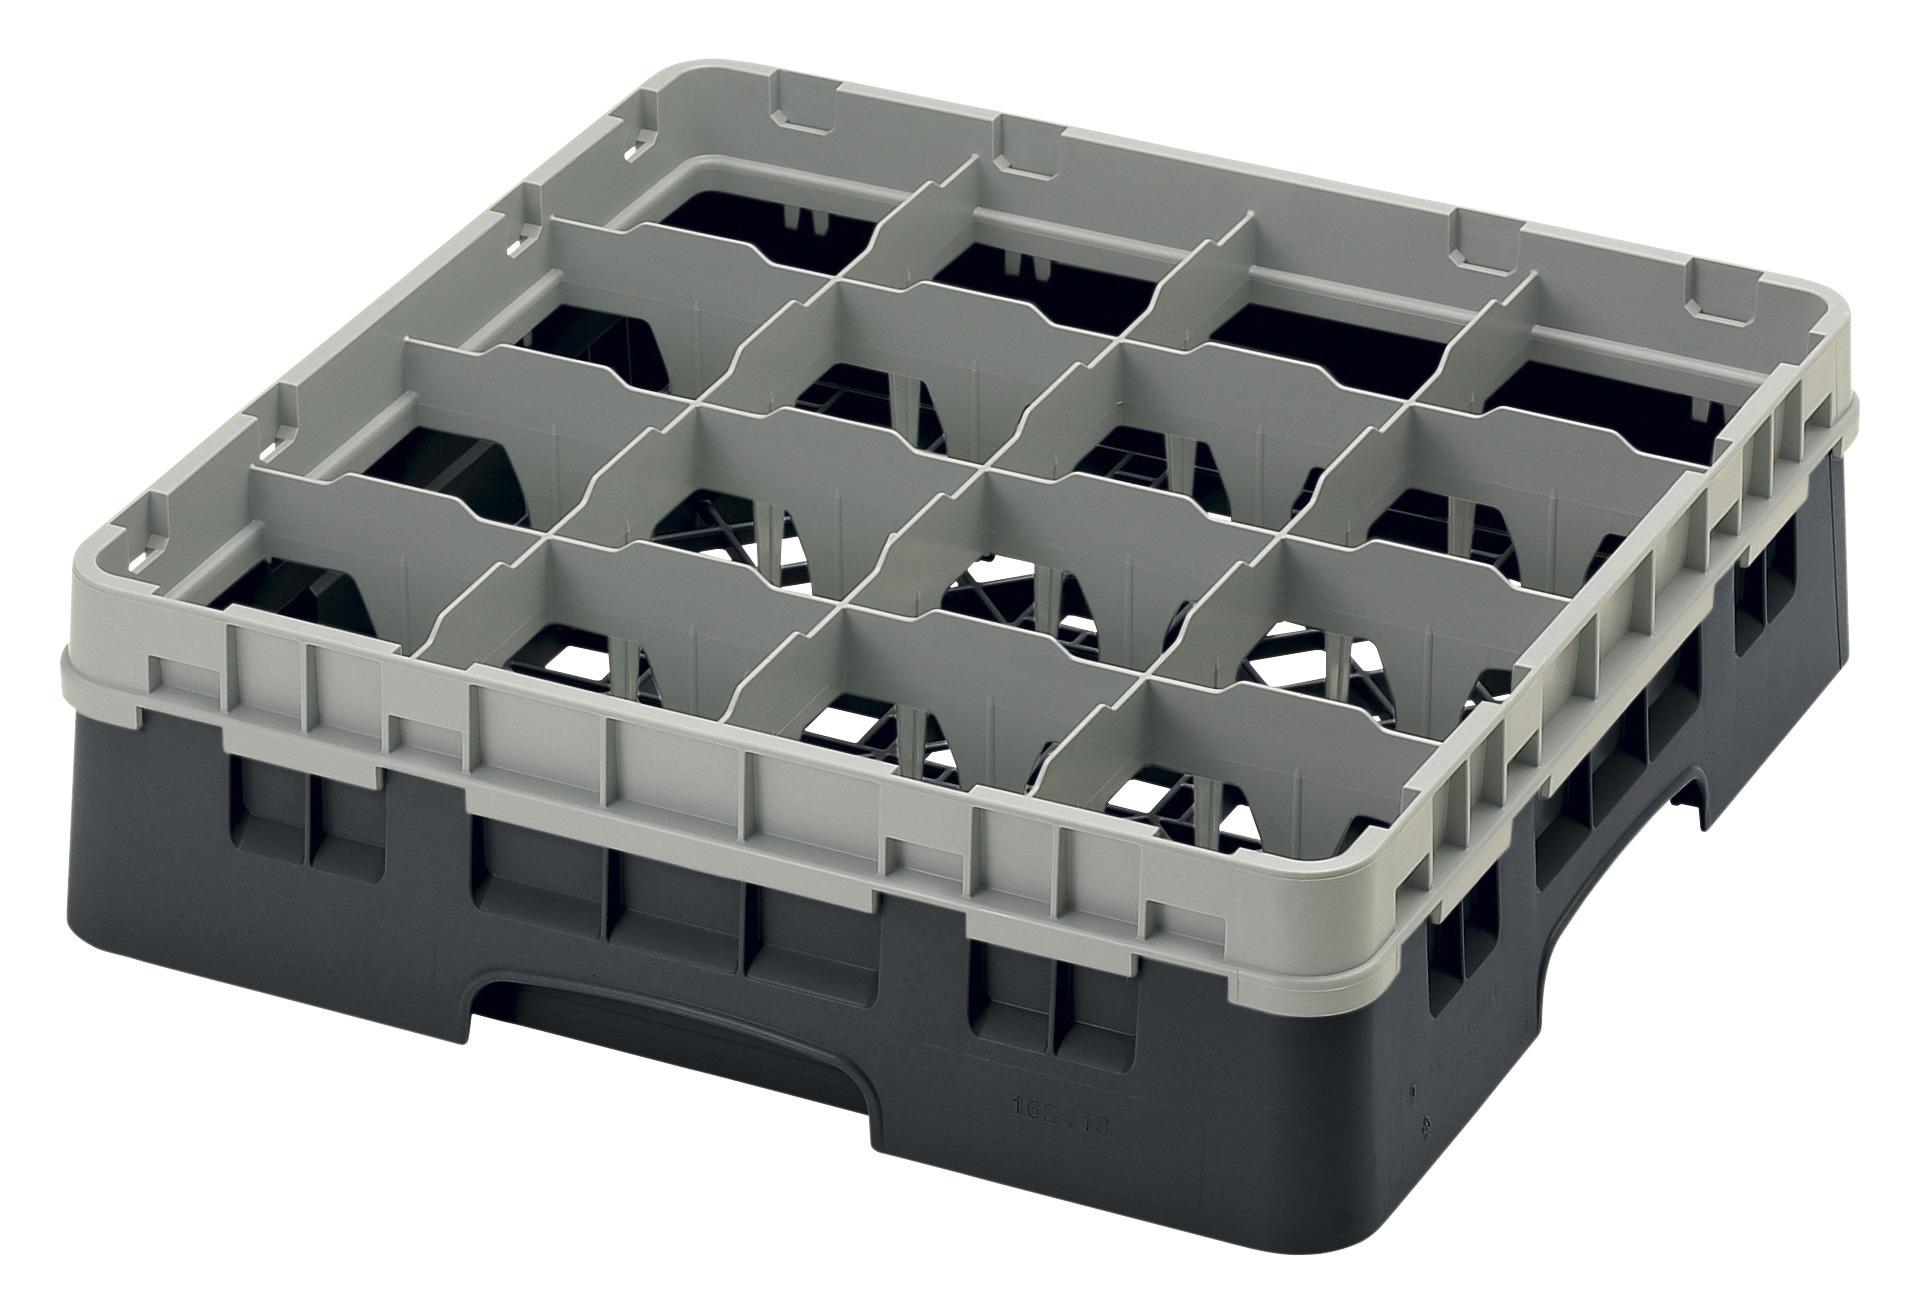 Gläserspülkorb 16 x bis 114 mm Glashöhe 500 x 500 x 143 mm schwarz